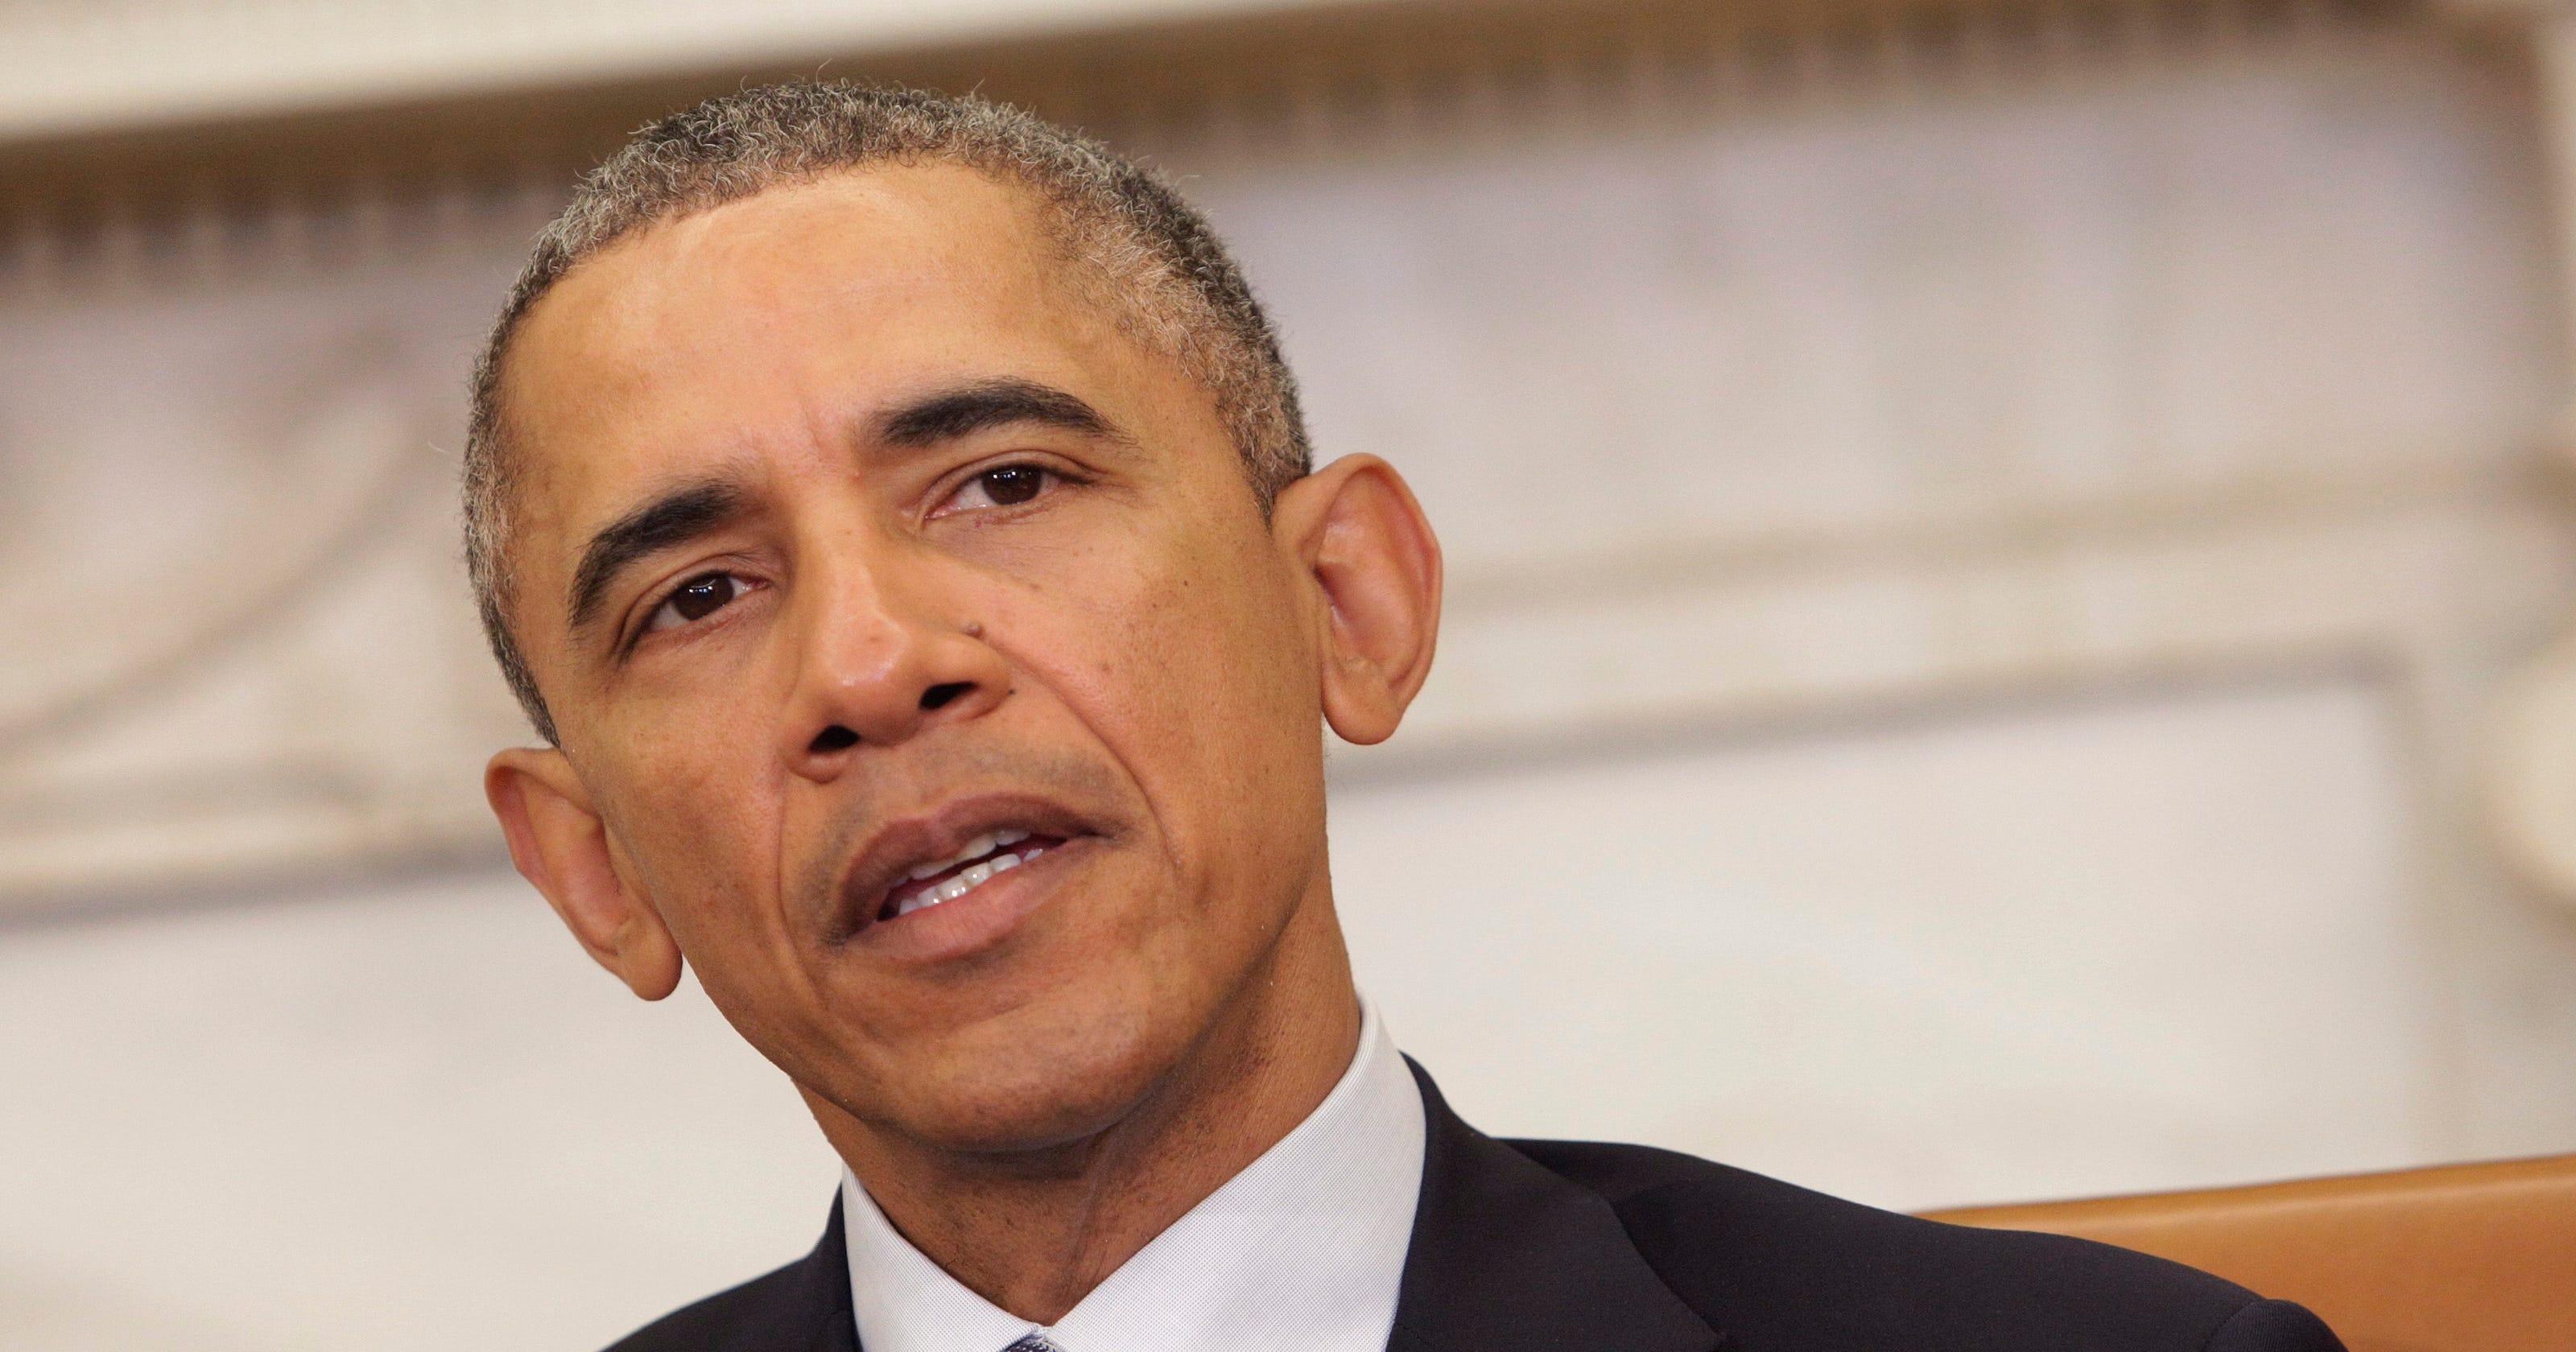 Obama on death of Leonard Nimoy: 'I loved Spock' - photo#3